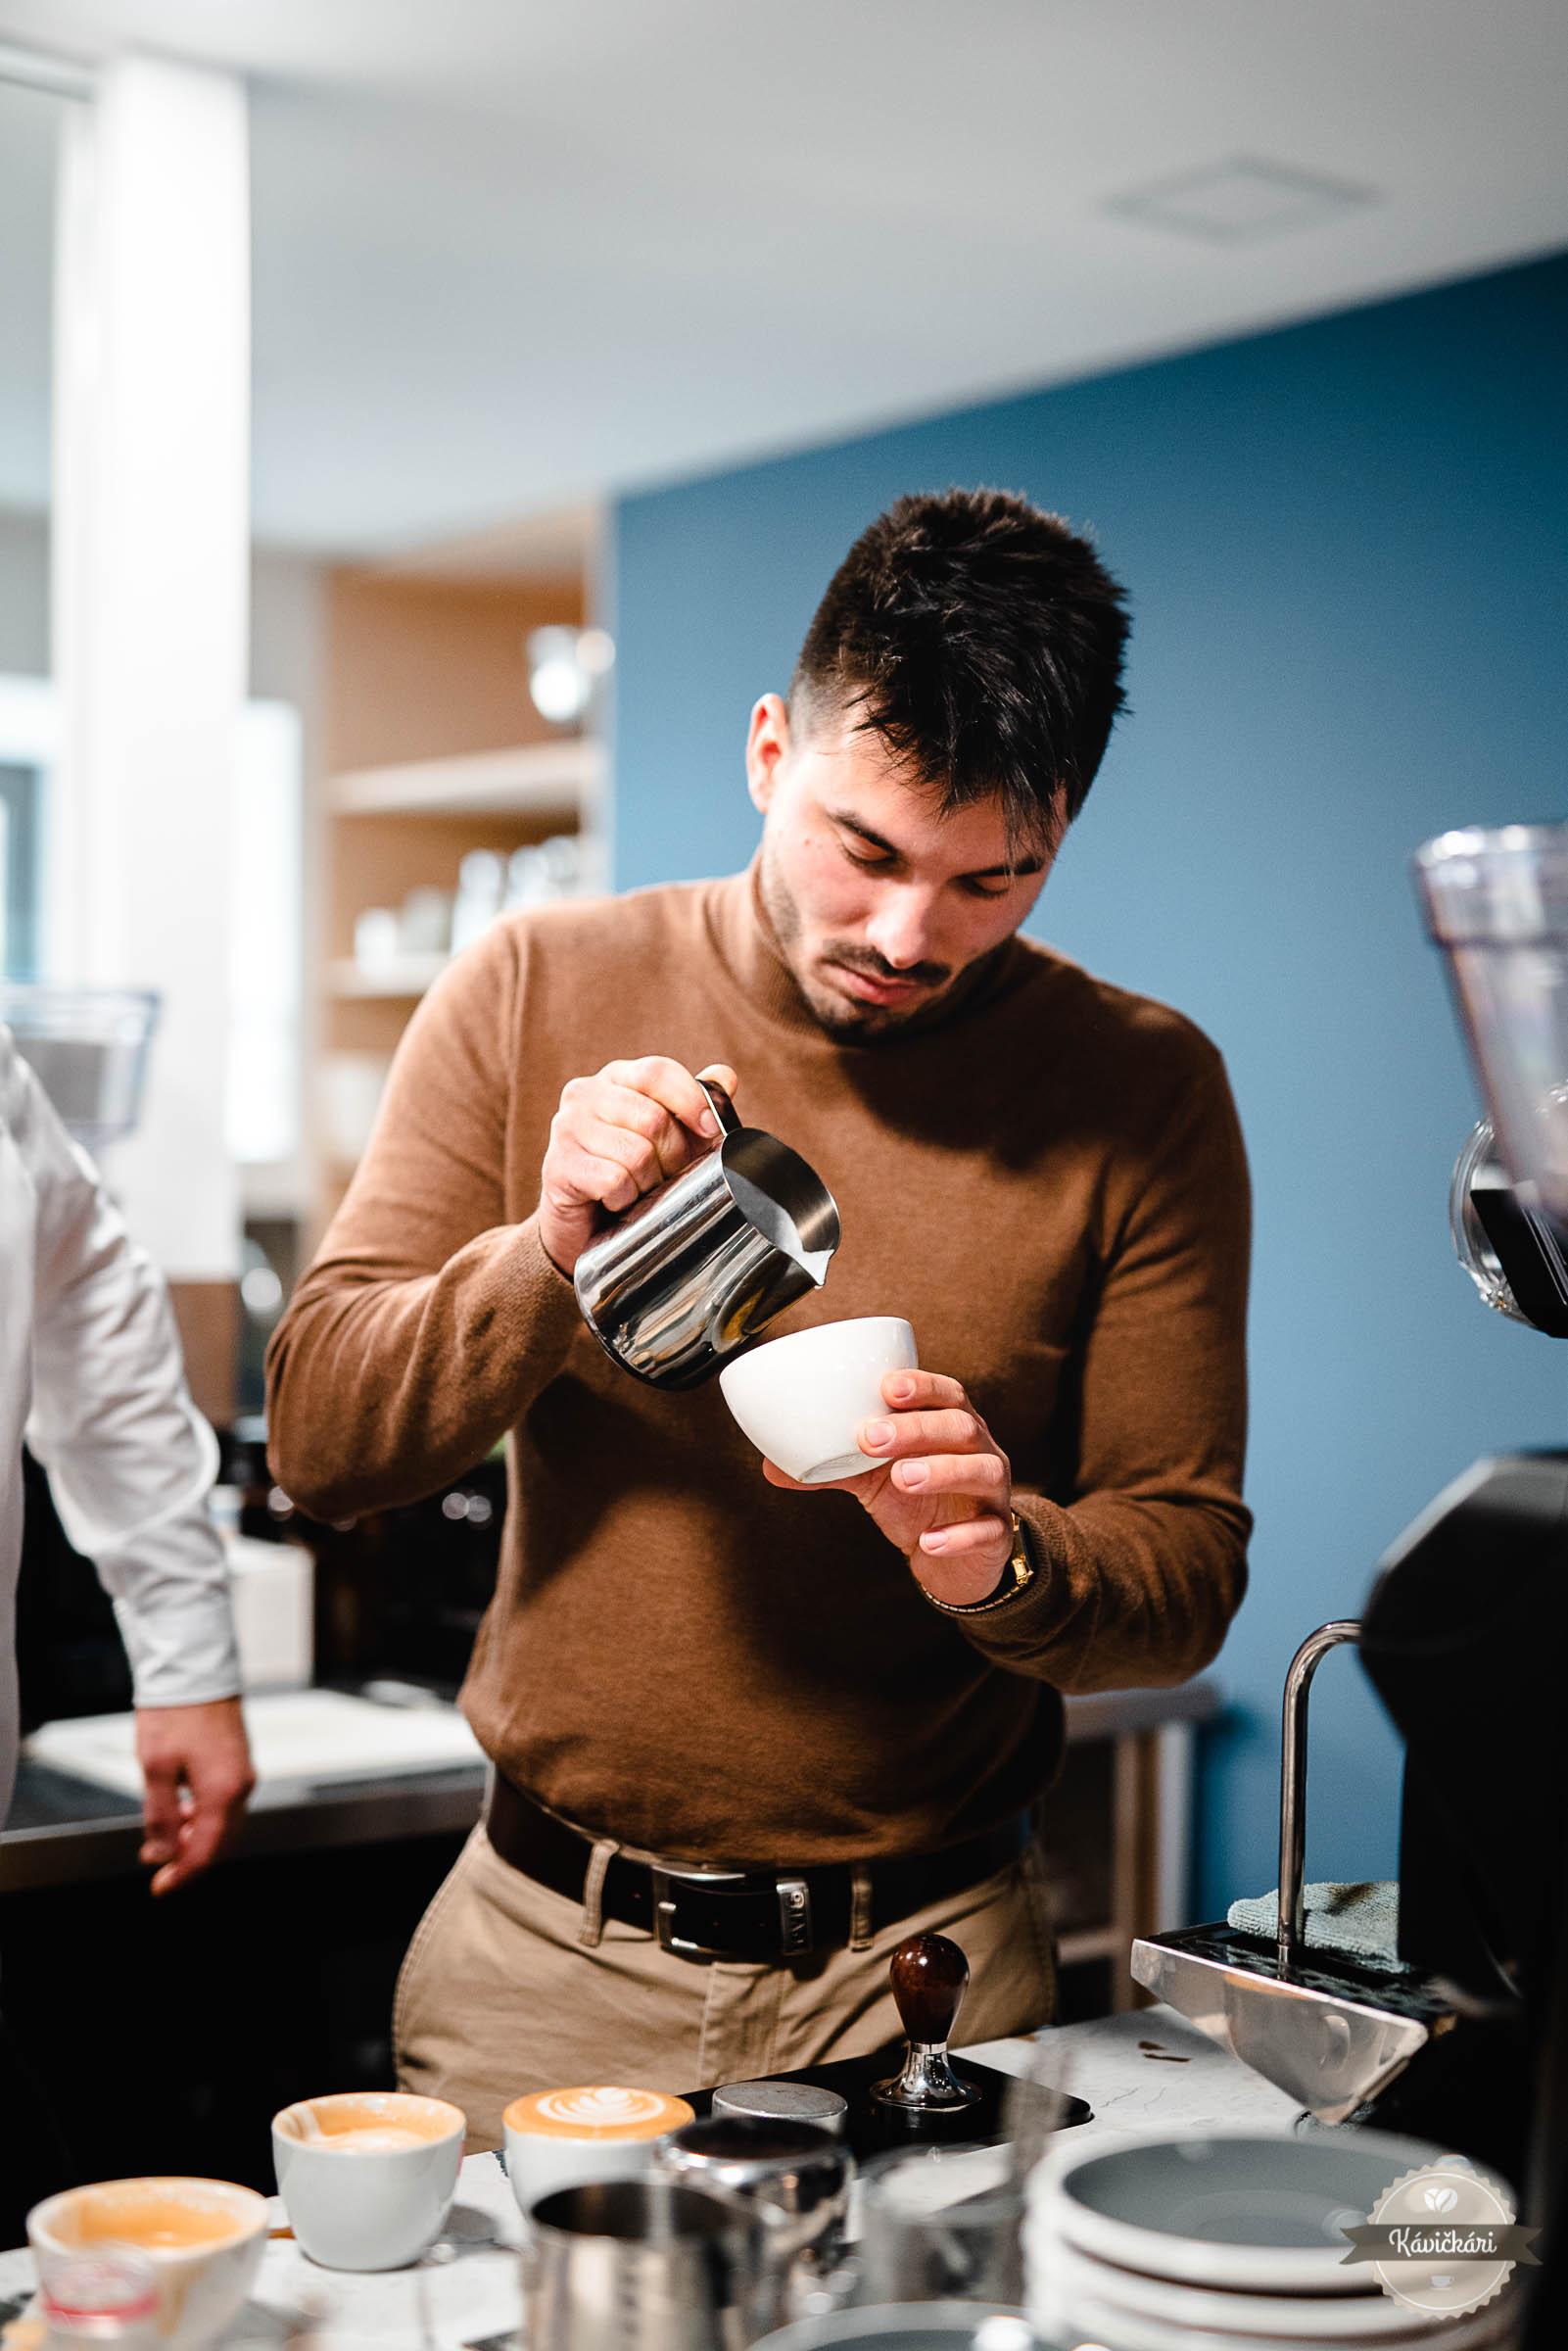 Ak by sme mali v skratke zhrnúť ich pracovnú náplň, najlepšie by ju vystihli slová: starajú sa o to, aby ľudia boli spokojní. Ak by sme to mali rozmeniť na drobné, Matúš Gulbiš a René Hauser sa starajú o dodávanie kávy – Bazzara i Mlsnacava –, servis technológií, školenia baristov, učiť klientov hľadať ľudský prístup, ale napríklad aj rozmýšľať pri práci. Je to pre nich ešte zamestnanie, alebo už poslanie? Ako vyzerá ich bežný deň? A vôbec – existuje niečo také, ako bežný deň? Aj toto sa dozviete v našom rozhovore s chalanmi z Bottovej.